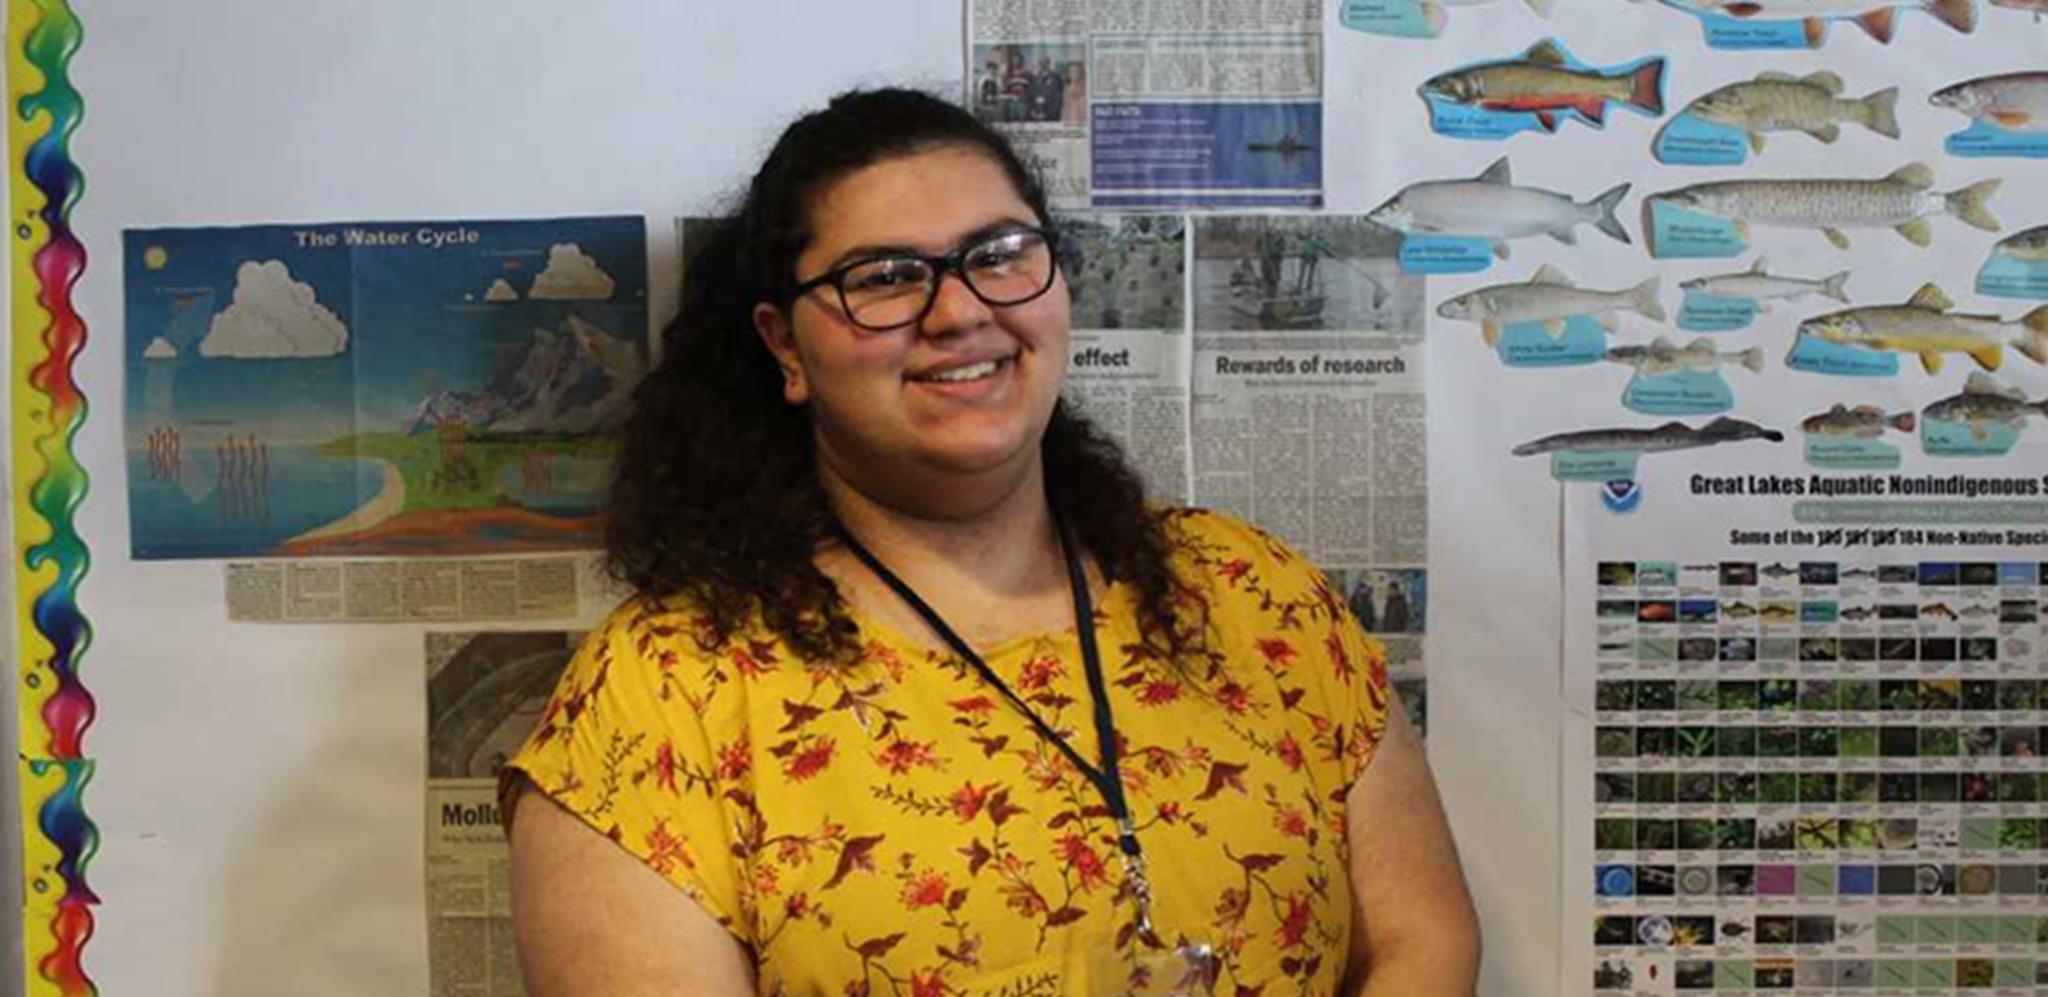 Student essay writer Mashael Khudakaram